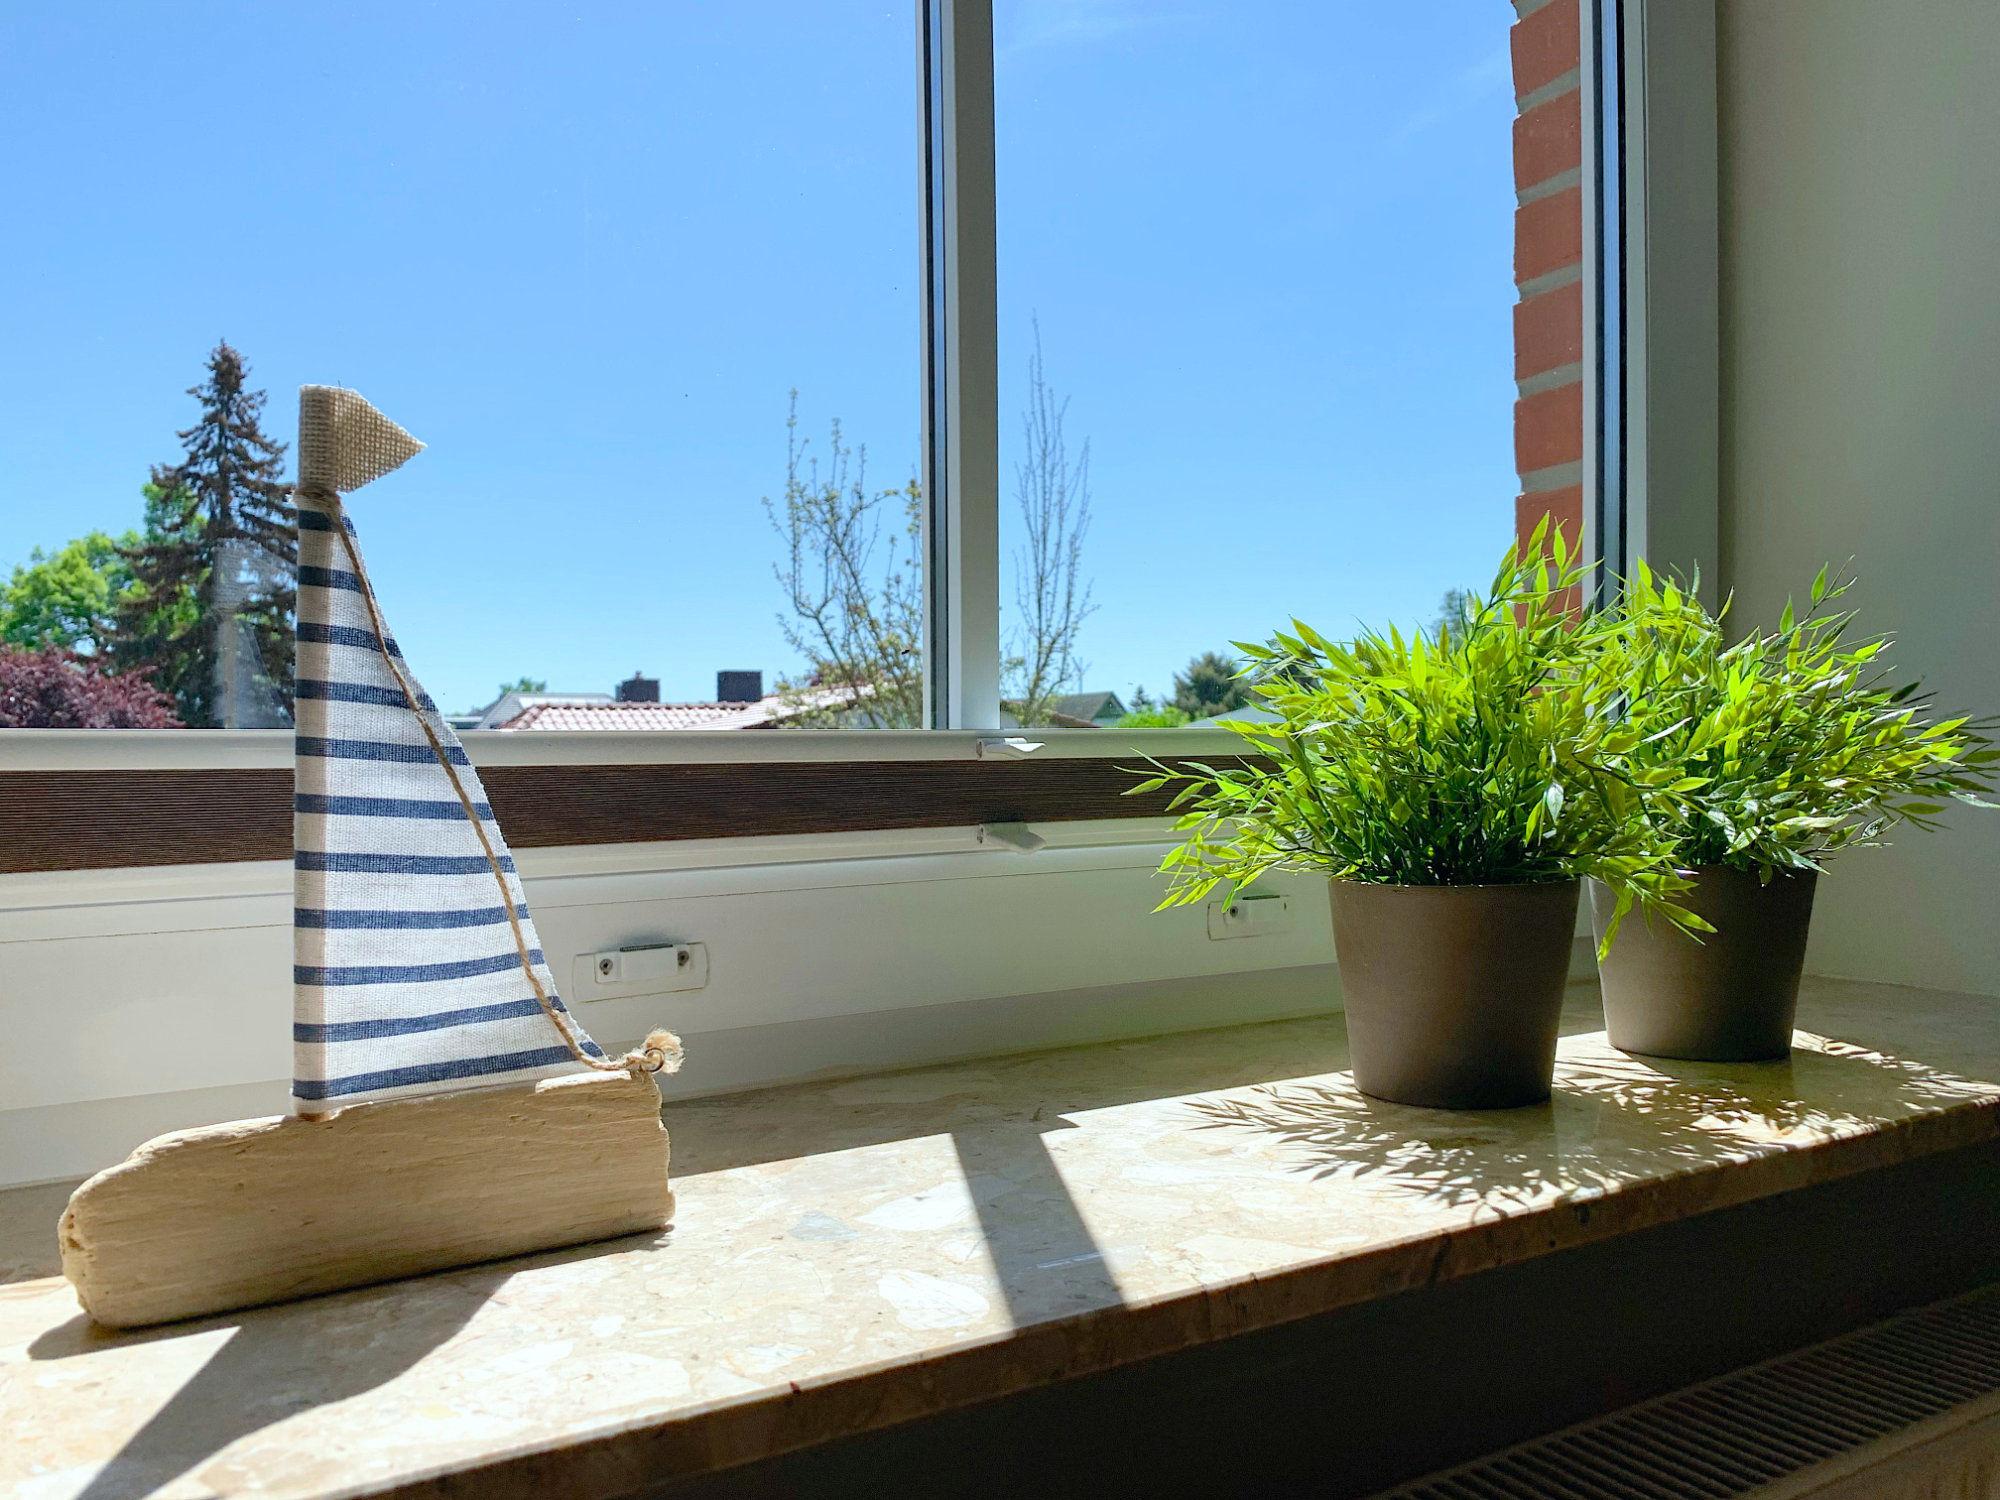 Deko Holzschiffchen auf Fensterbrett